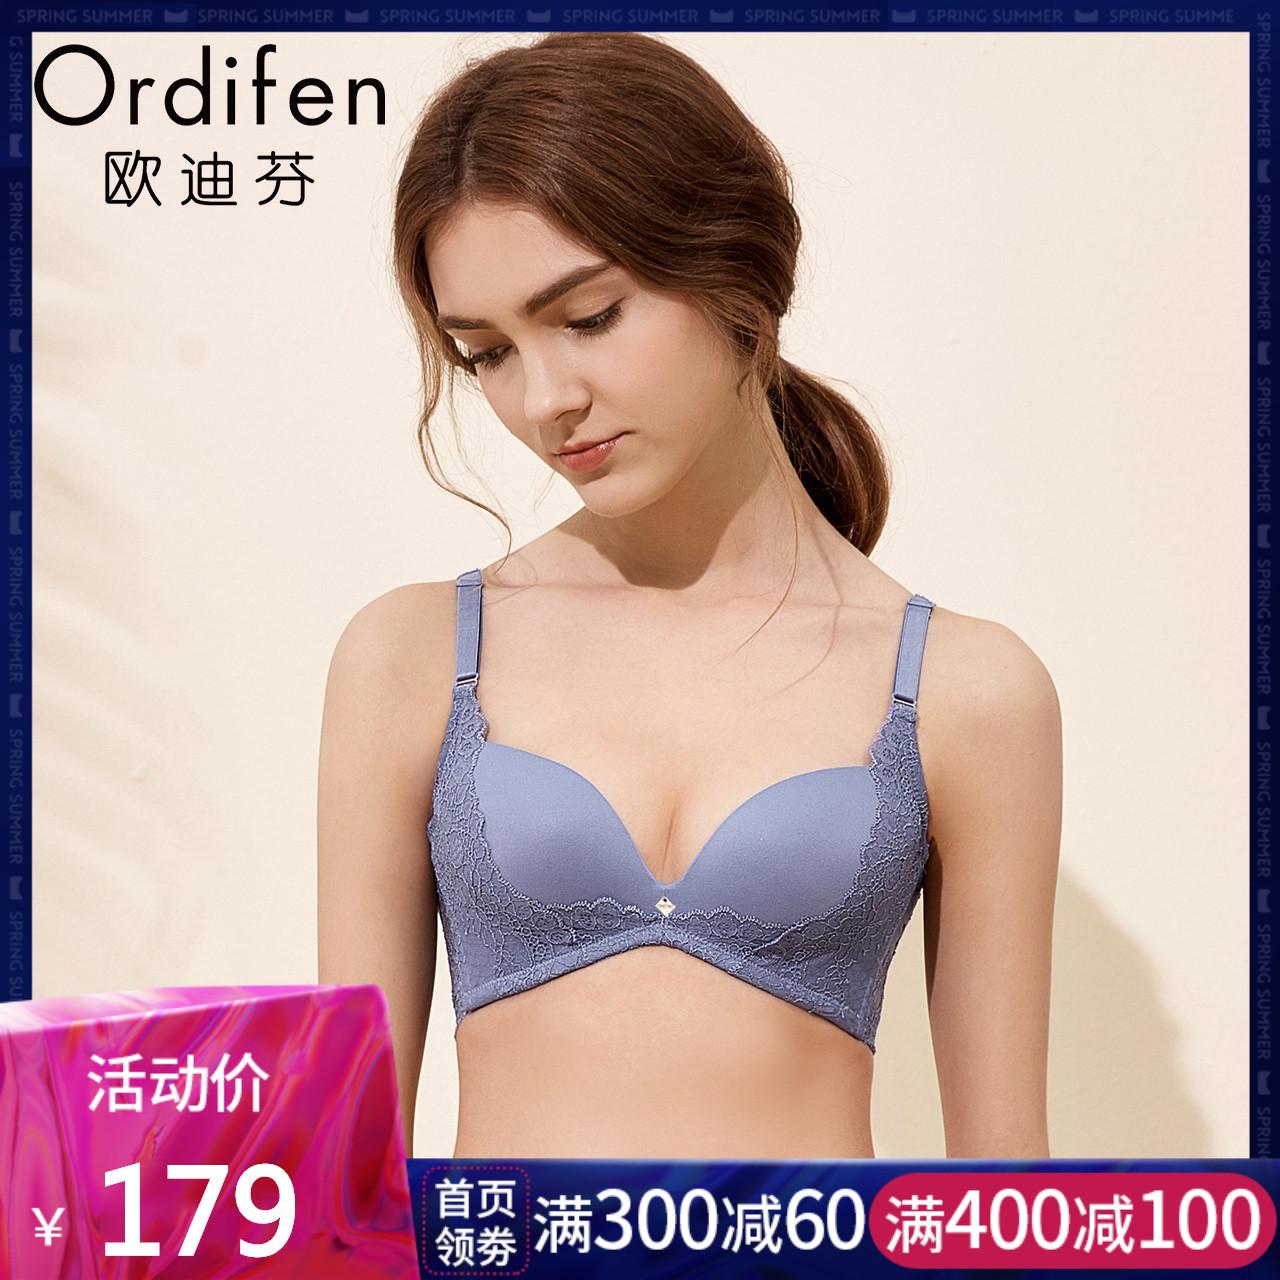 欧迪芬新款美背蕾丝性感内衣无钢圈文胸薄款光面聚拢胸罩XB8527